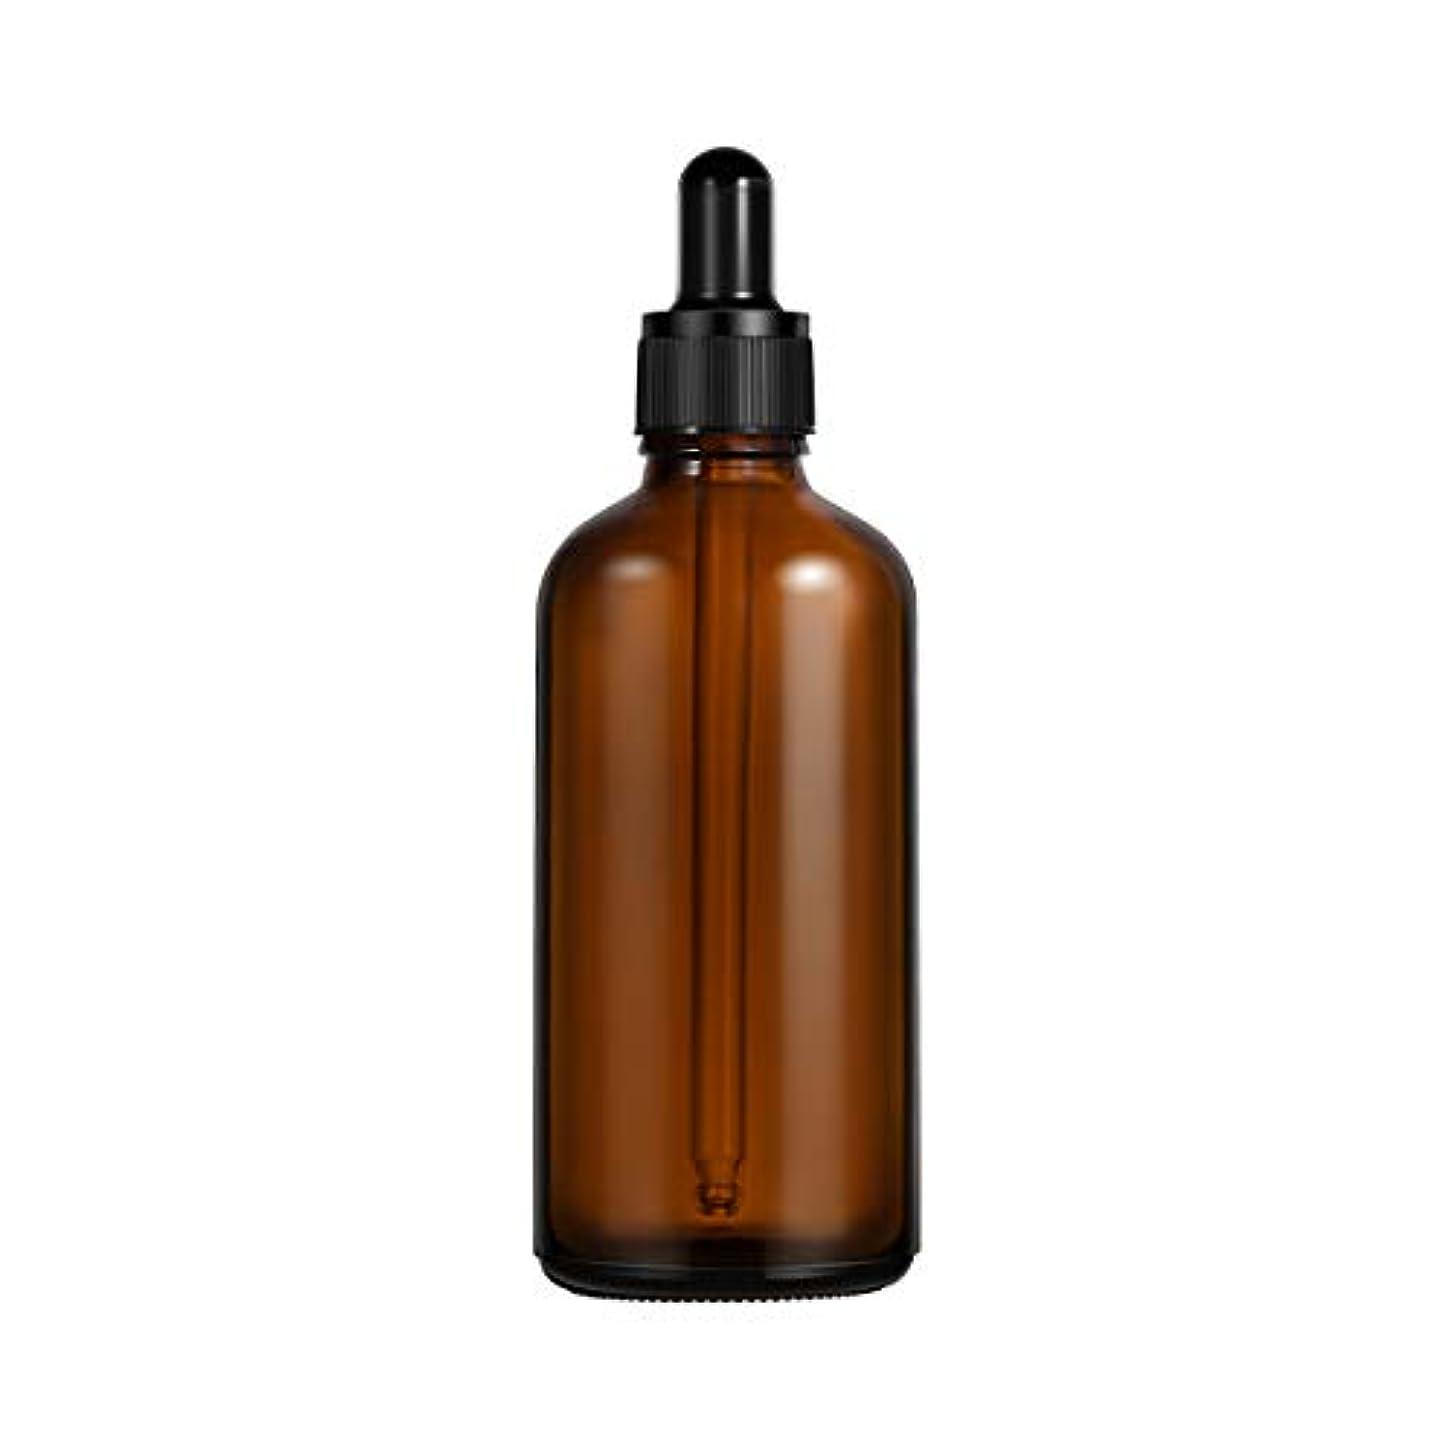 聞きます繁栄ジョセフバンクスFrcolor 遮光瓶 スポイト遮光瓶 100ml スポイト付き ガラス製 アロマボトル 保存容器 エッセンシャルオイル 香水 保存/詰替え 2本入(茶色)